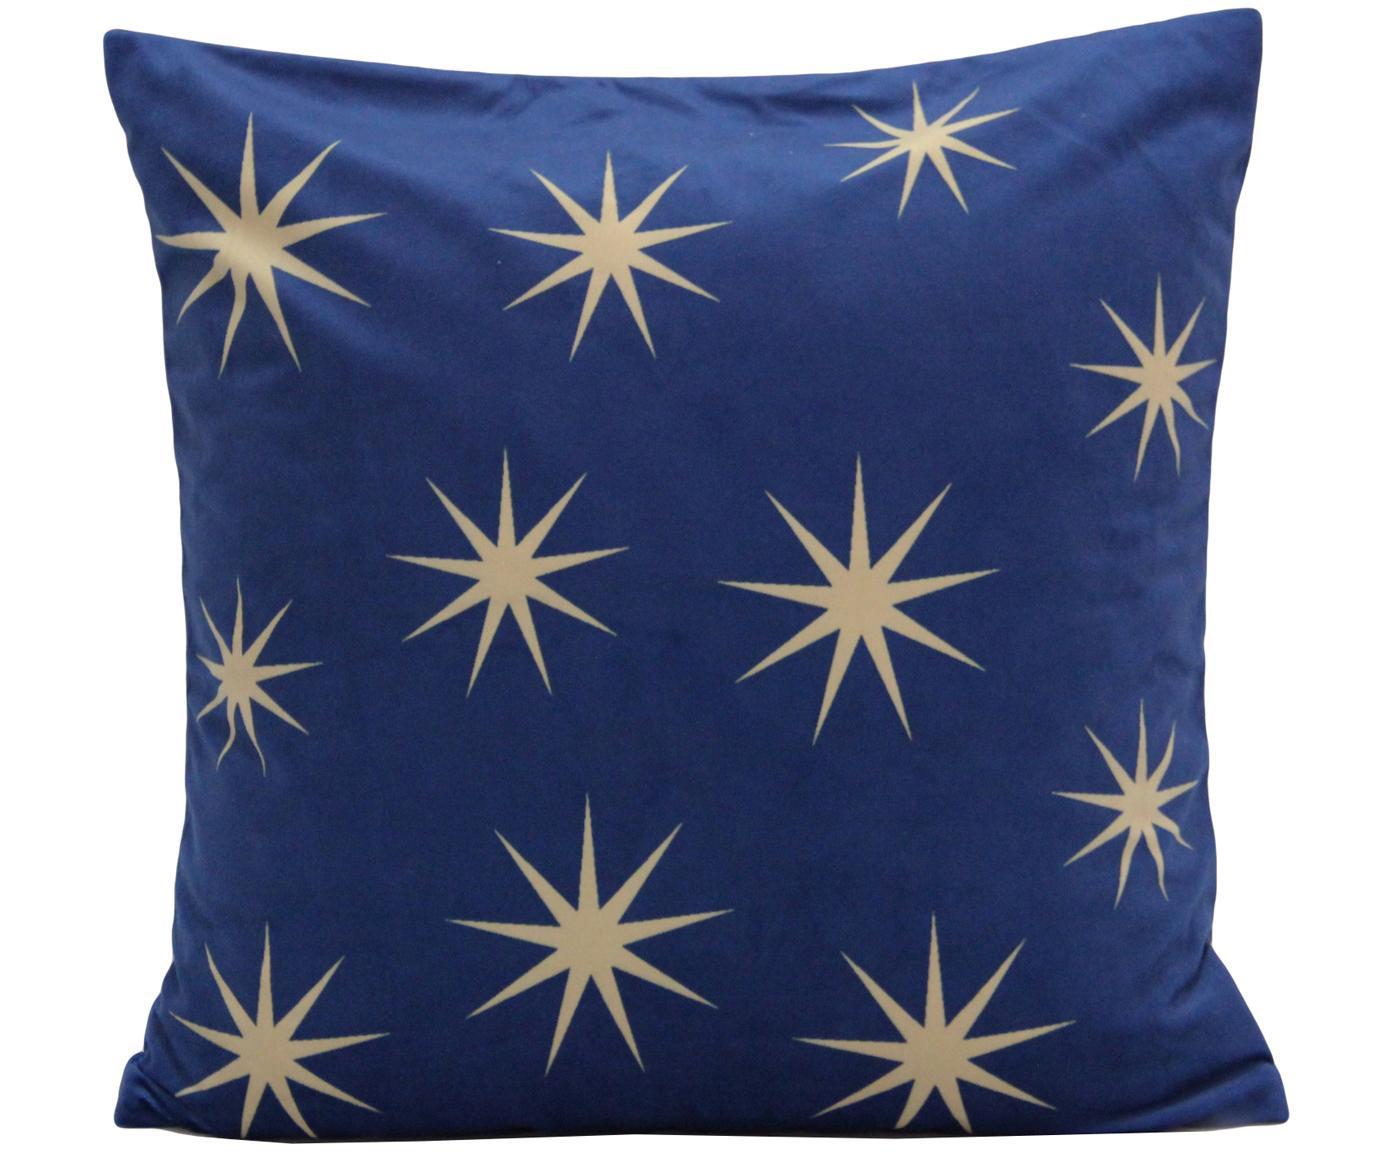 Poszewka na poduszkę z aksamitu Stars, Aksamit poliestrowy, Niebieski, beżowy, S 45 x D 45 cm